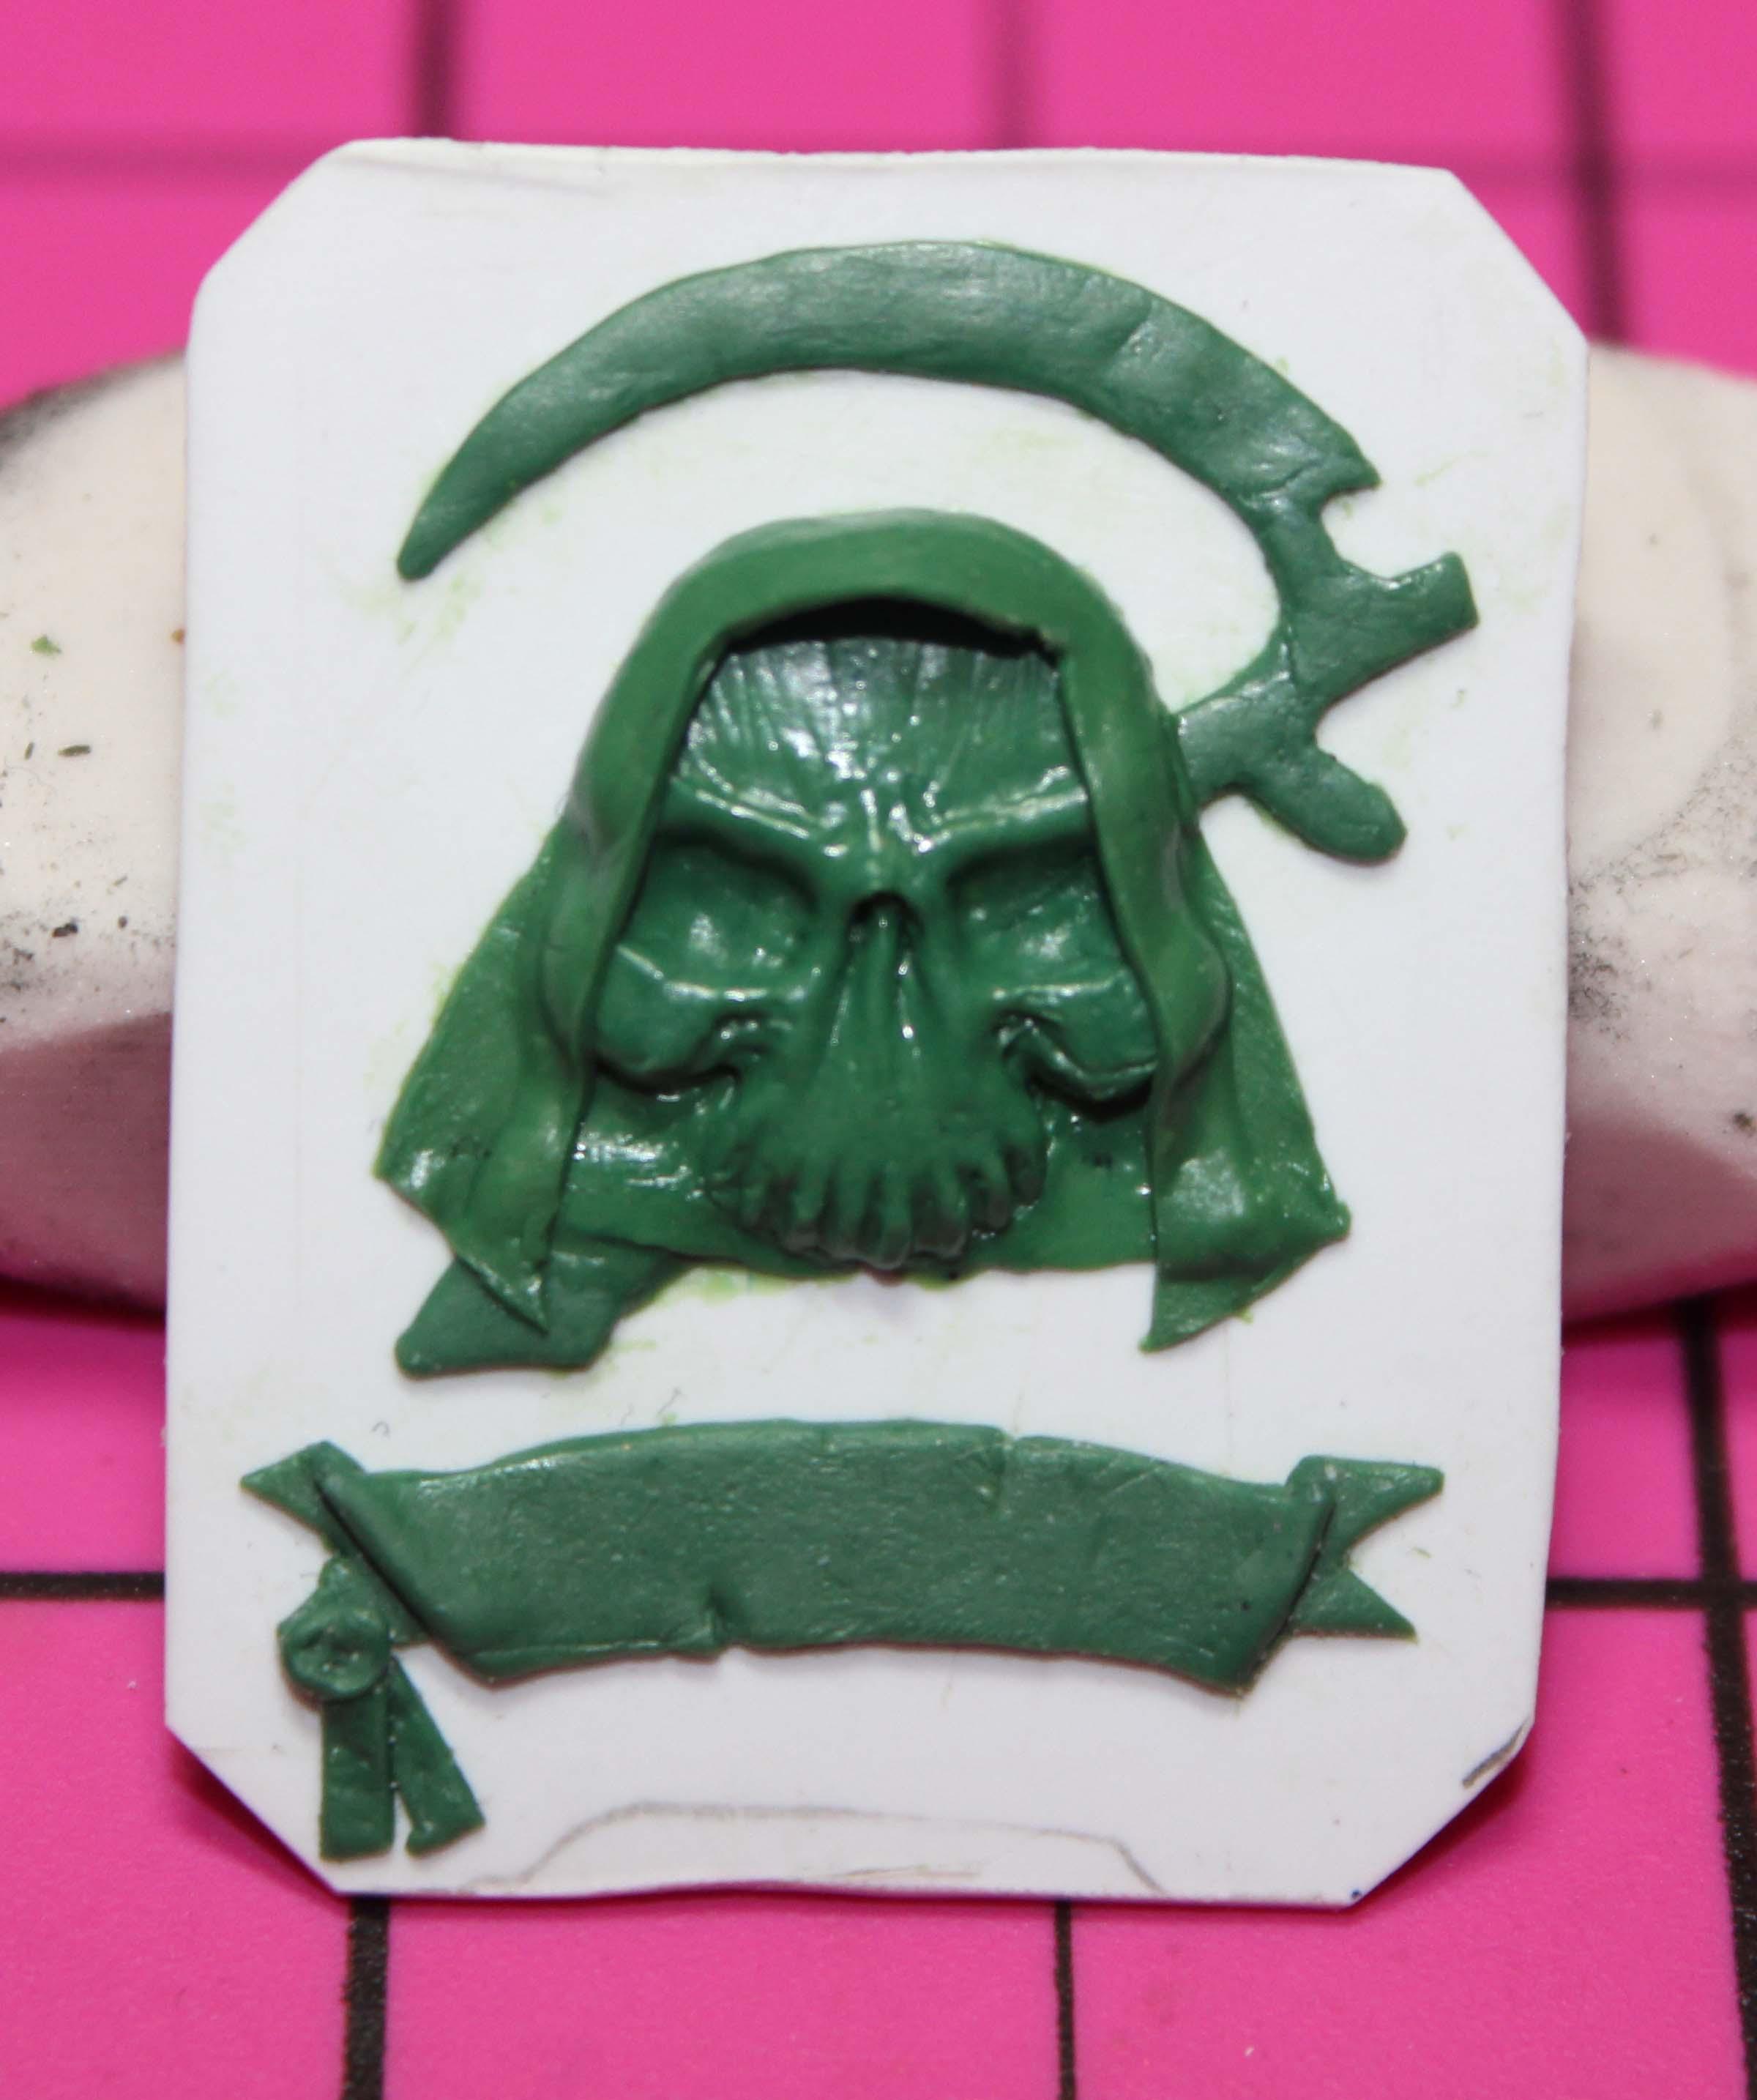 Greenstuff, Rhino, Scifi, Sculpting, Spacemarine, Transport, Warhammer 40,000